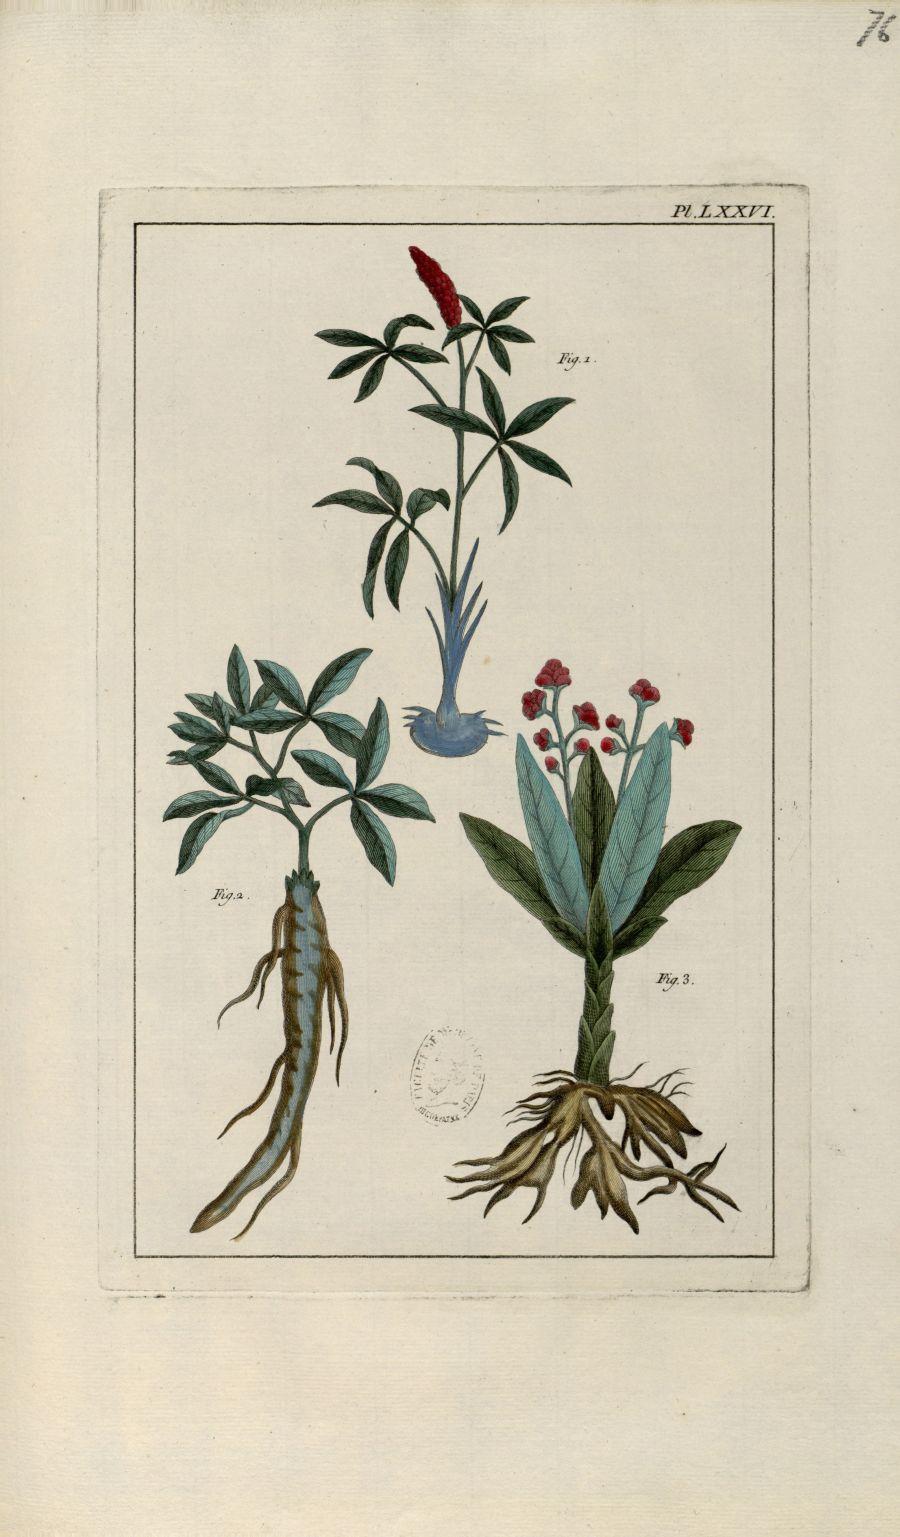 Planche LXXVI - Herbier ou collection des plantes médicinales de la Chine d'après un manuscrit peint [...] - Botanique. Plantes (médecine). Chine. 18e siècle - med01989x0079